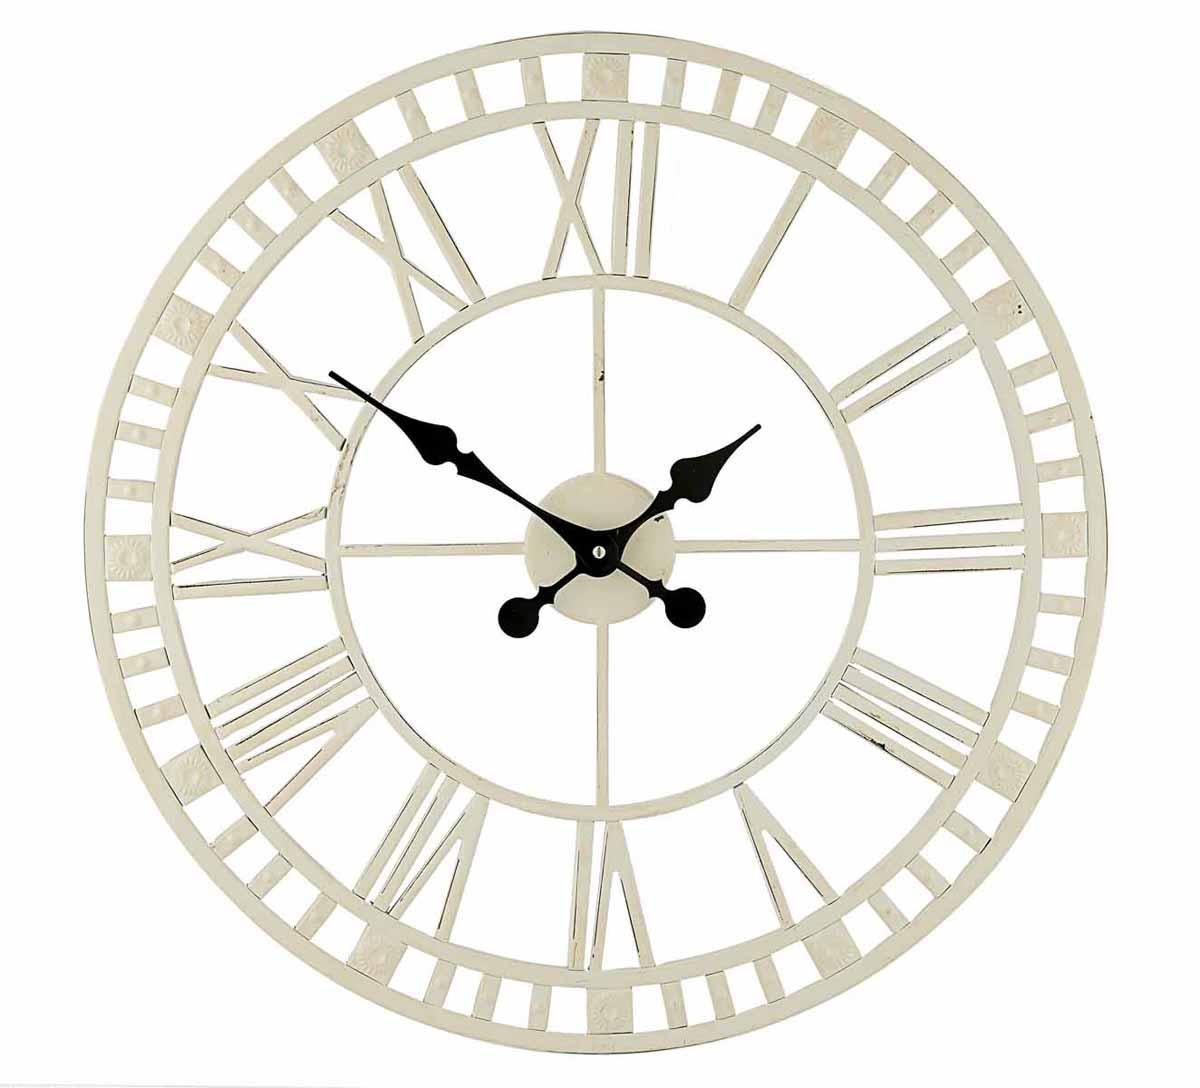 """Фото Часы настенные Gardman """"Claremont"""", цвет: белый, диаметр 59 см. 17187. Покупайте с доставкой по России"""